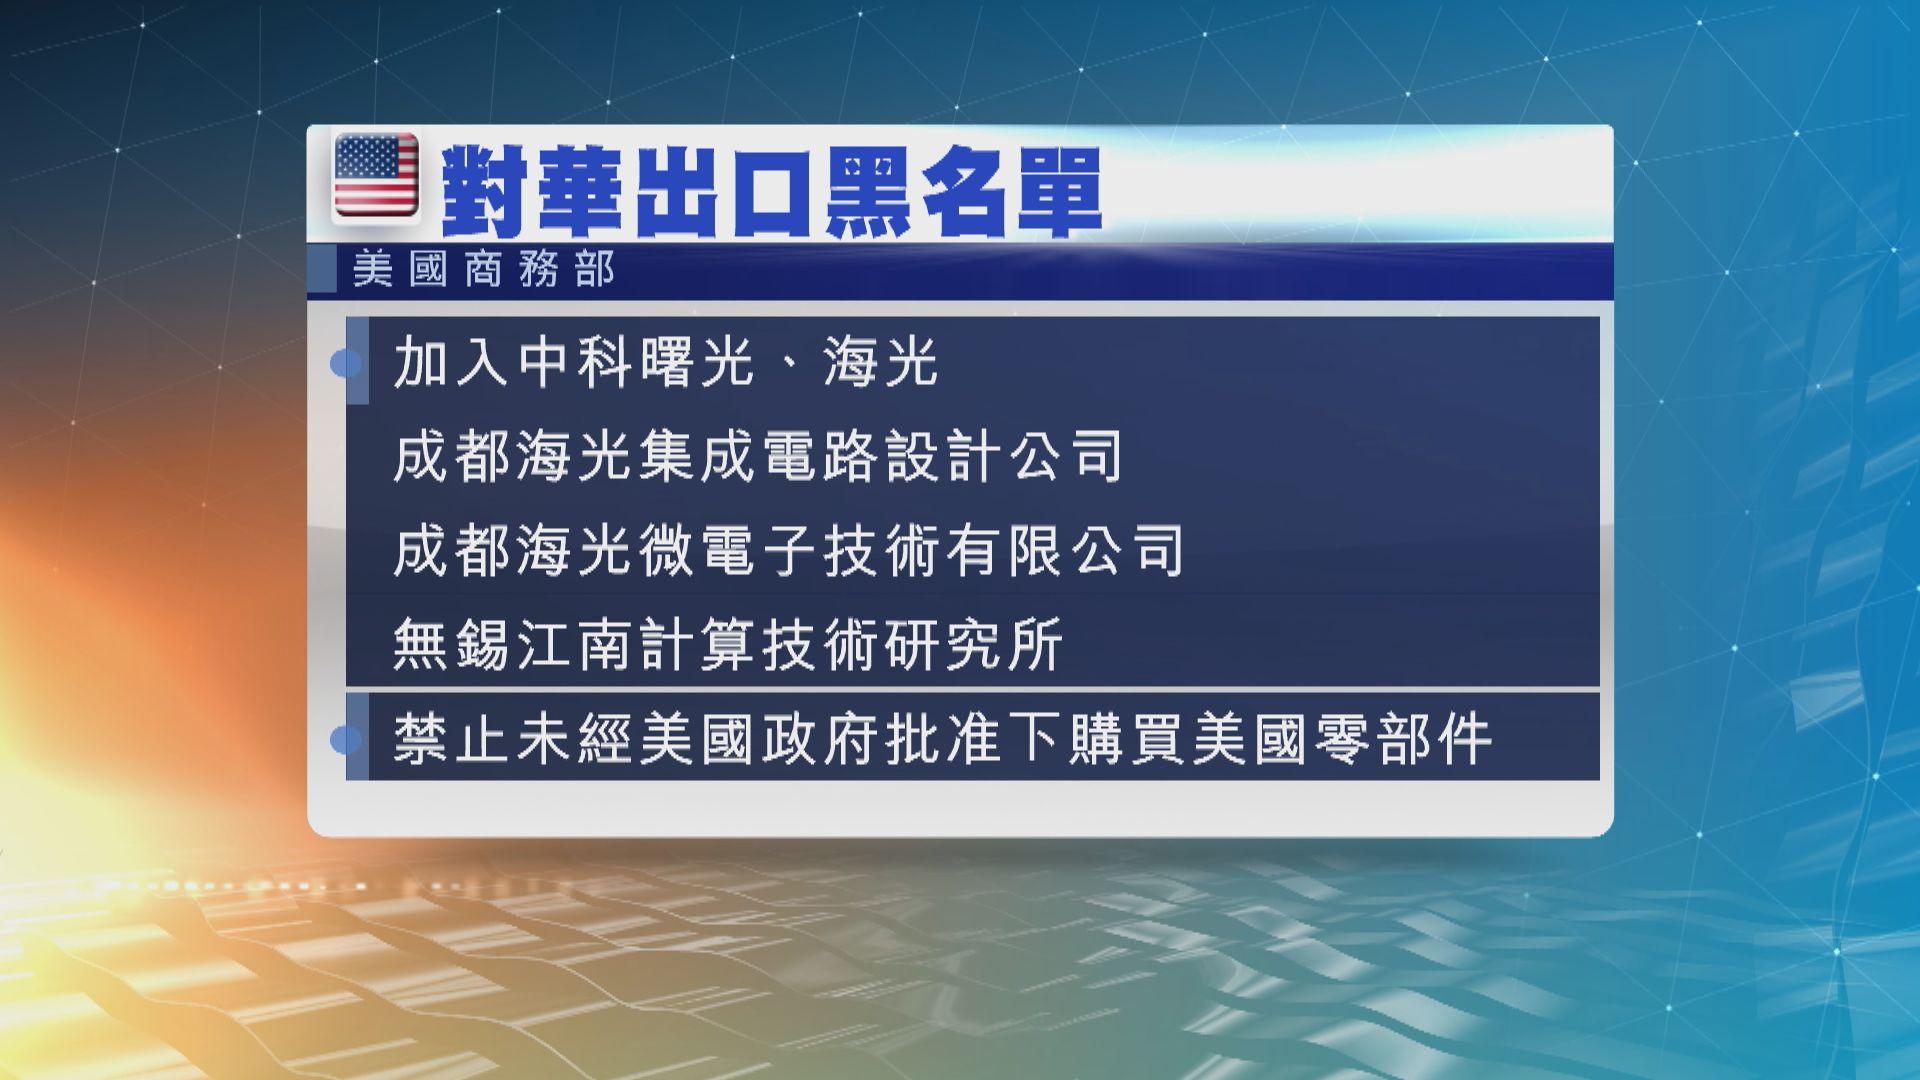 美擴大對華出口黑名單 多5間中國公司上榜